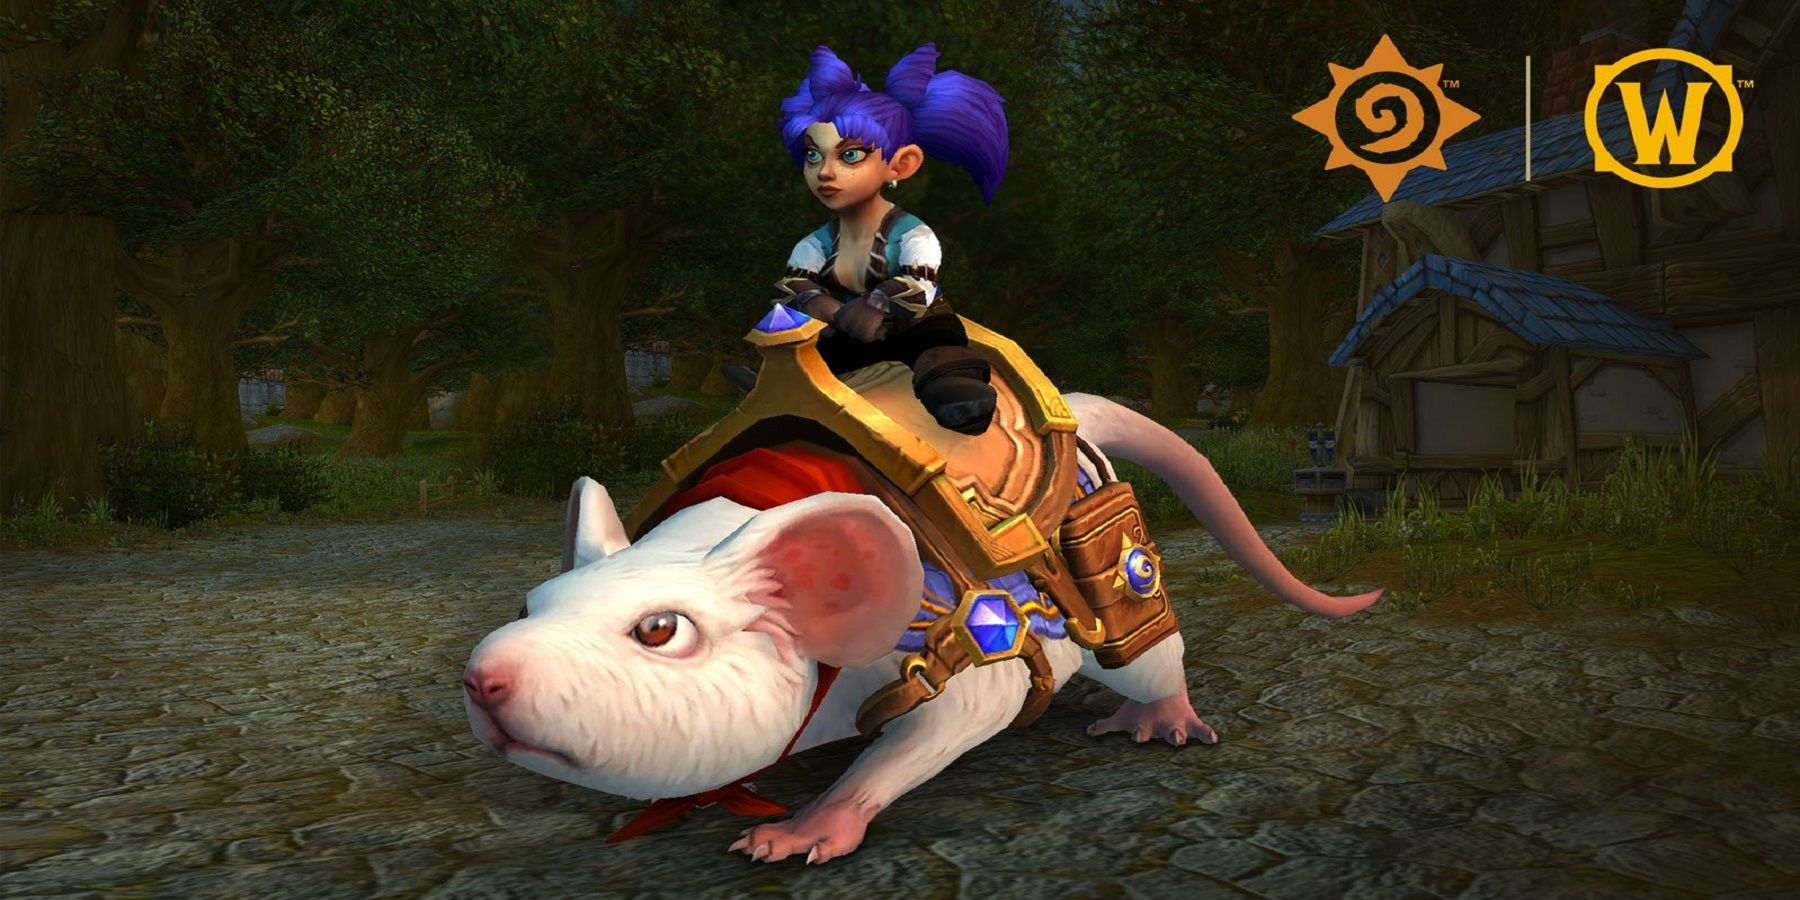 World of Warcraft Fan Edit bringt große Verbesserungen am neuen Hearthstone-Reittier